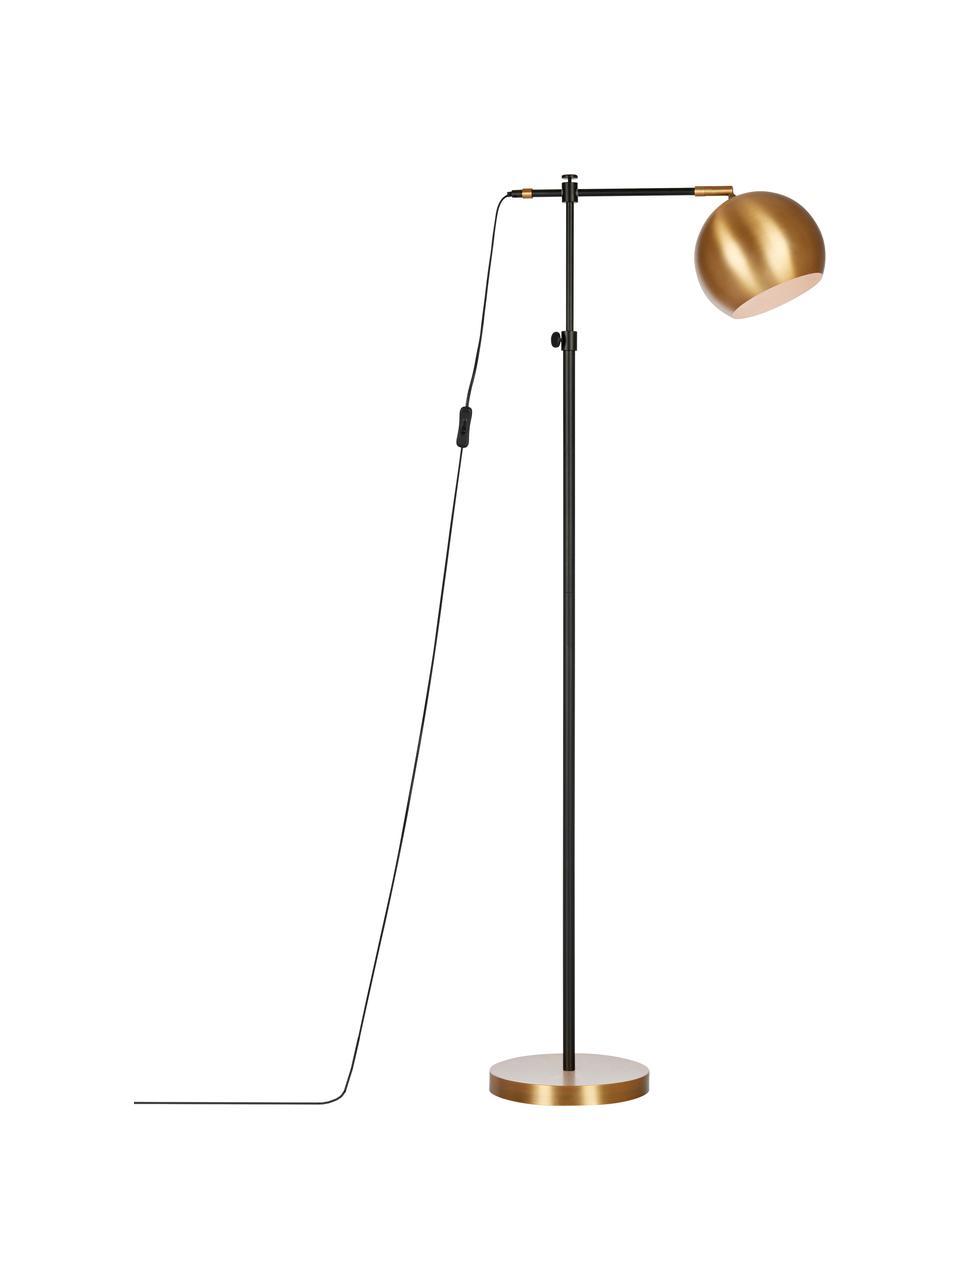 Kleine Industrial-Leselampe Chester aus Metall, Gestell: Messing, lackiert, Lampenfuß: Messing, Braun, Schwarz, 54 x 135 cm